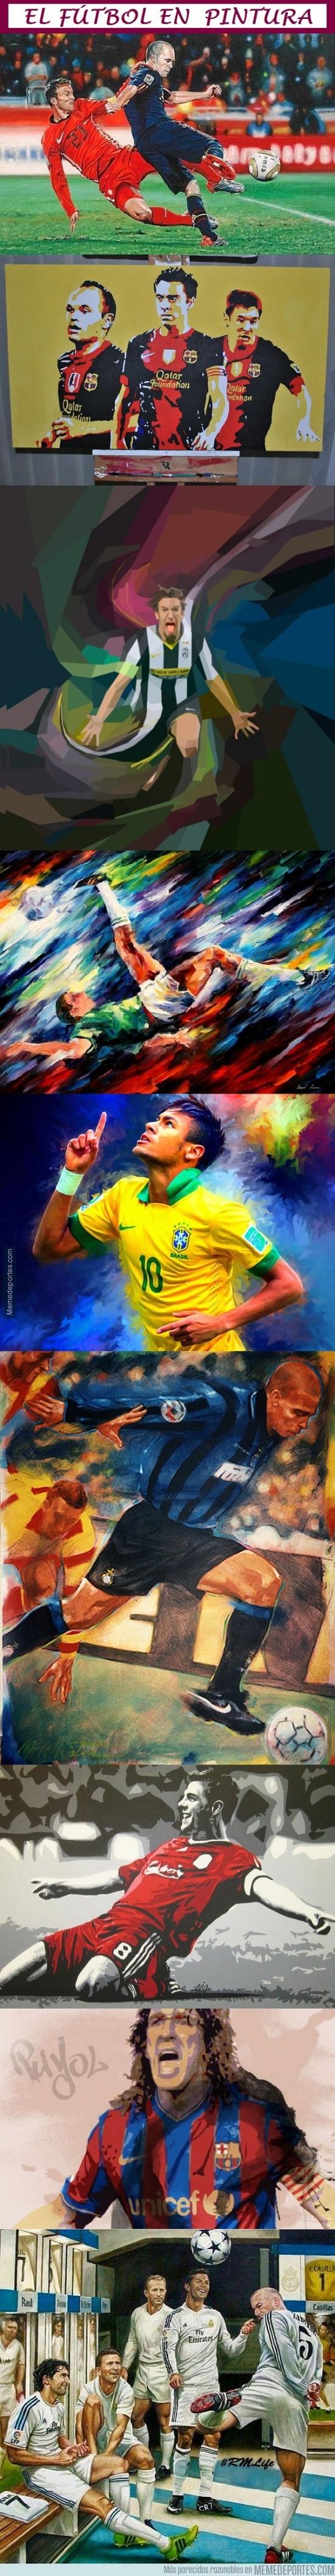 610719 - El fútbol en pintura, cuando dos artes se unen